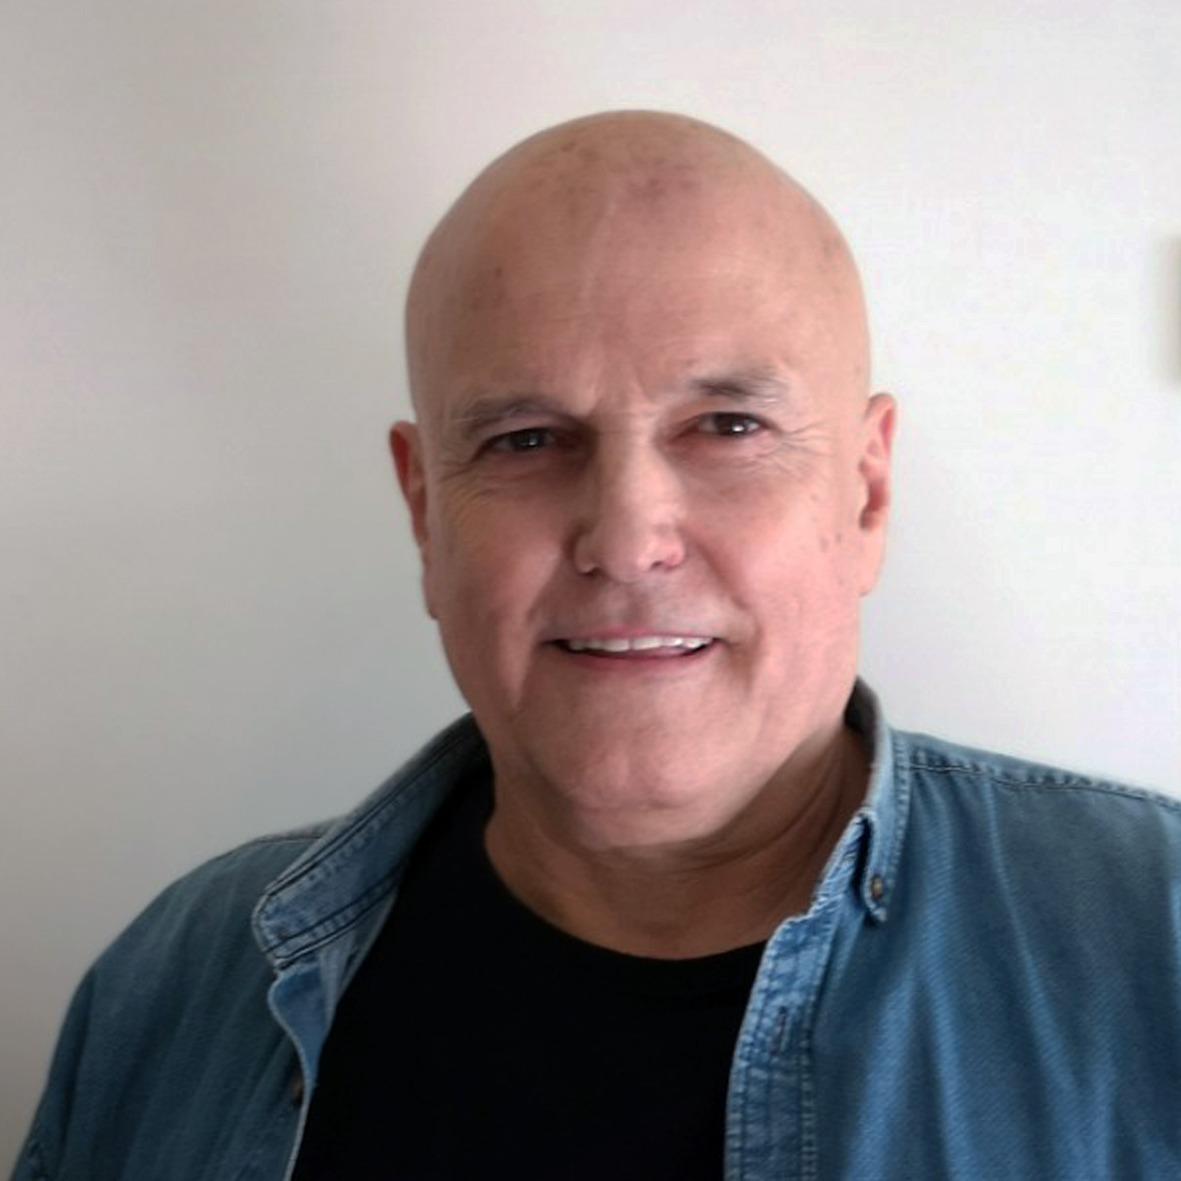 Roberto Luis Lamas Riadigos